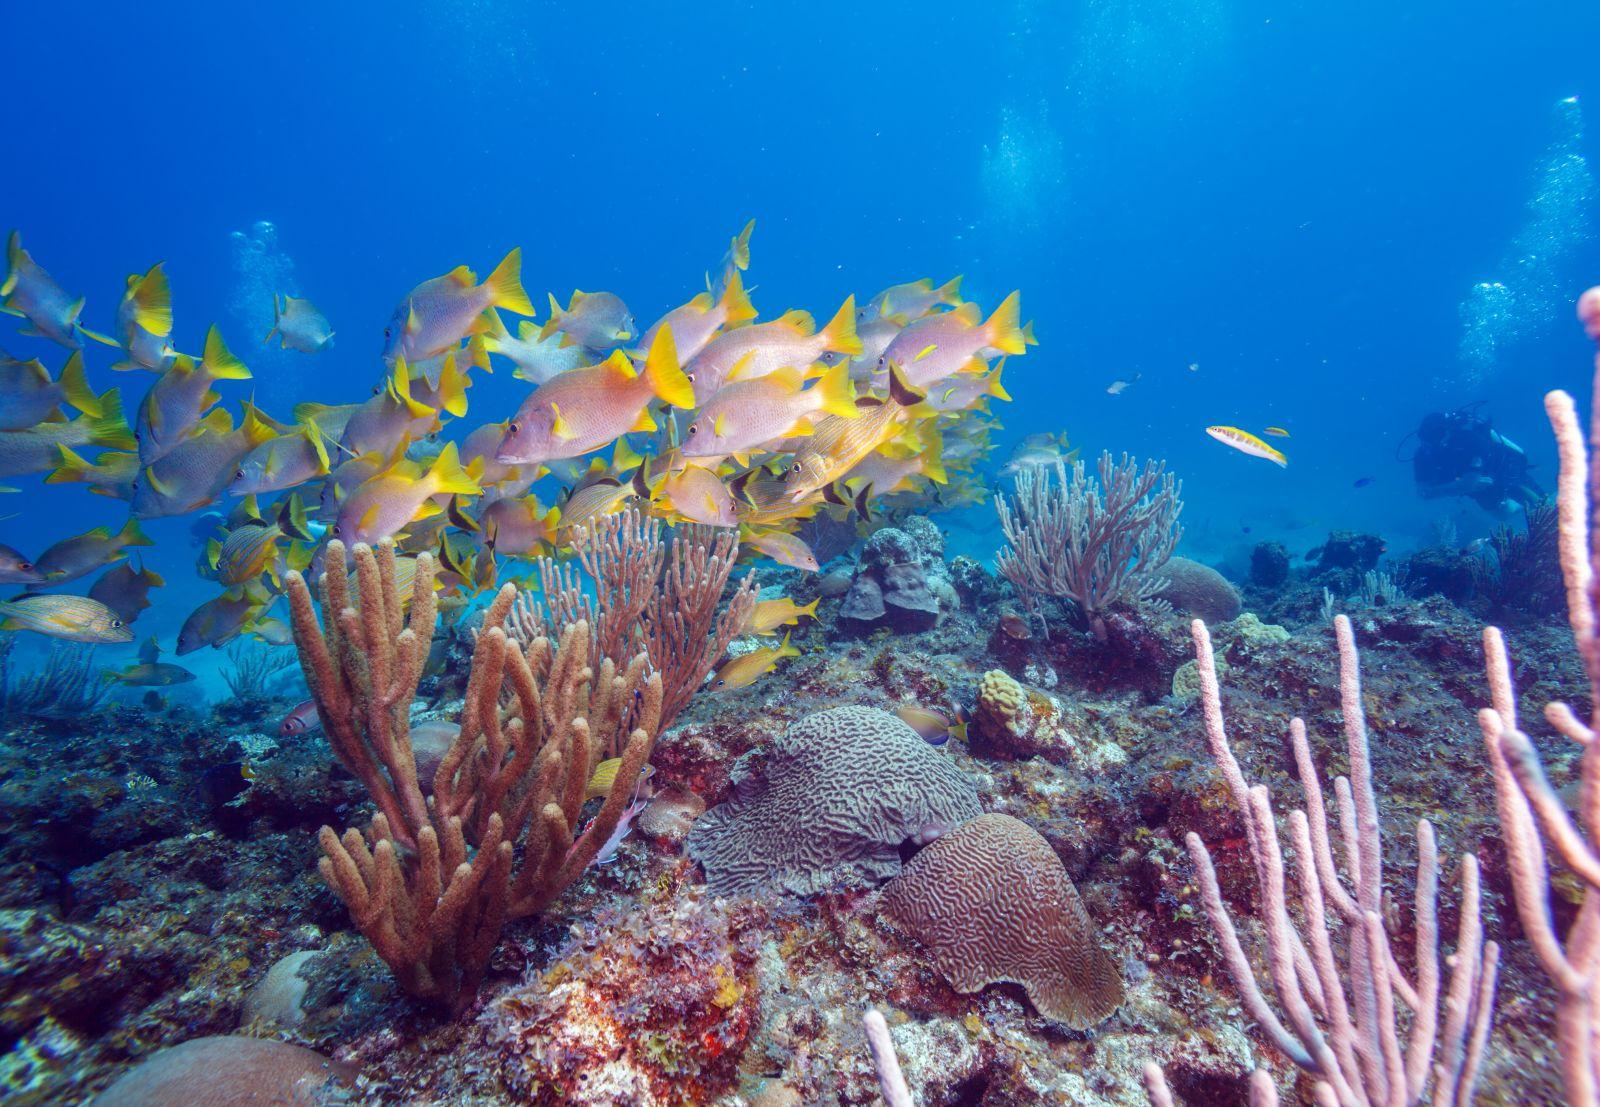 Rund um Kuba, vor allem um die Cayos, liegen viele Korallenriffe, die Fischschwärme und Großfische anziehen, wie hier im Tauchzentrum des Landes Cayo Largo. ©Rostislav Ageev/AdobeStock